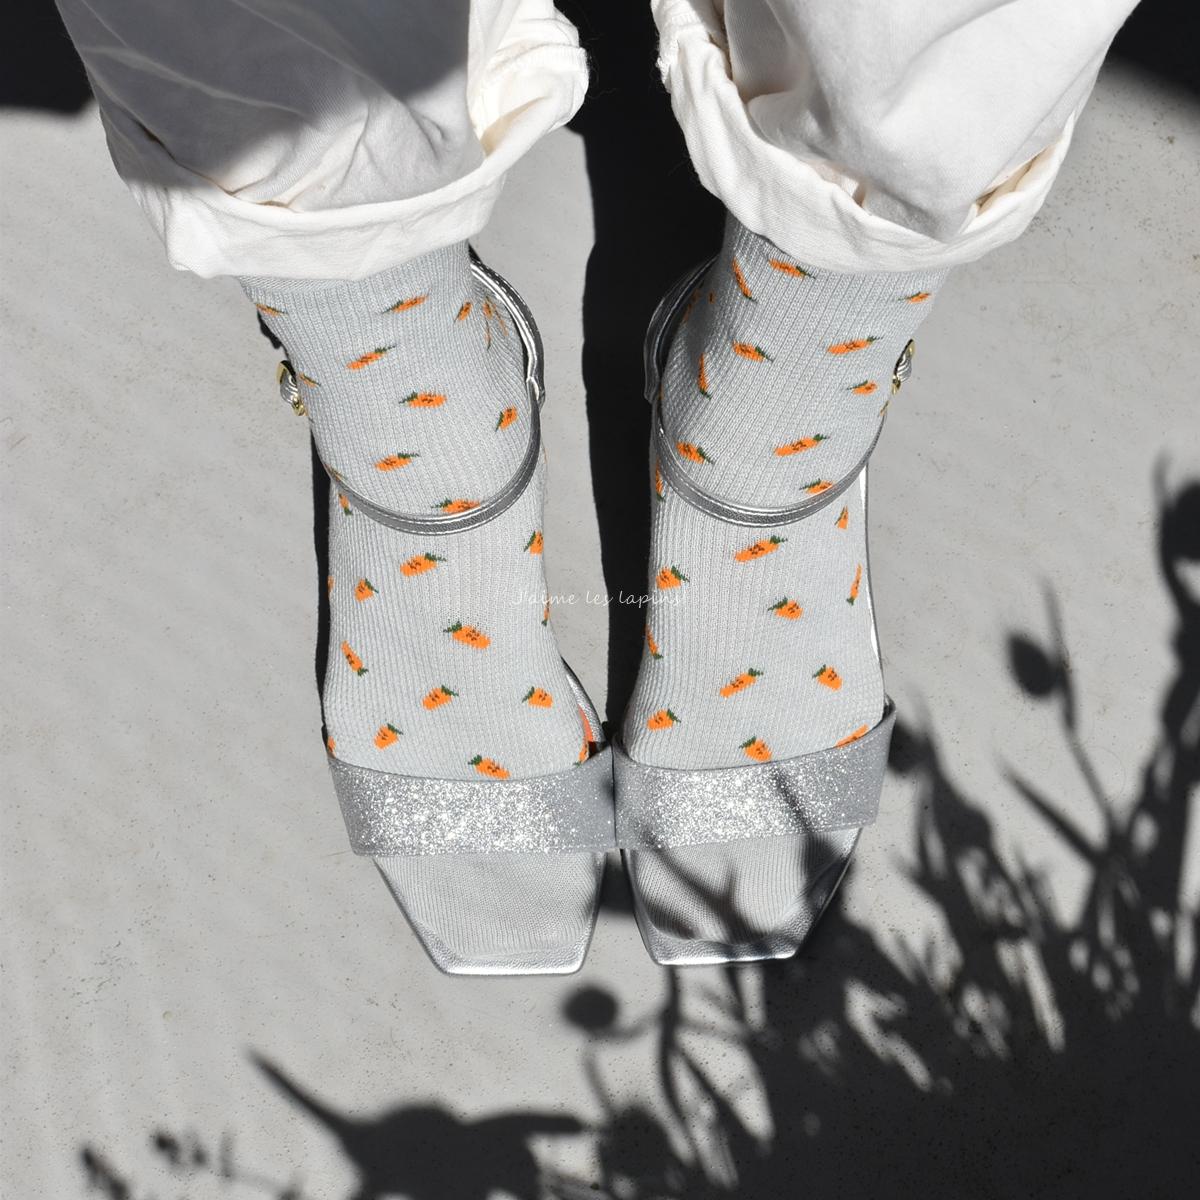 靴下屋の靴下と銀色のサンダル